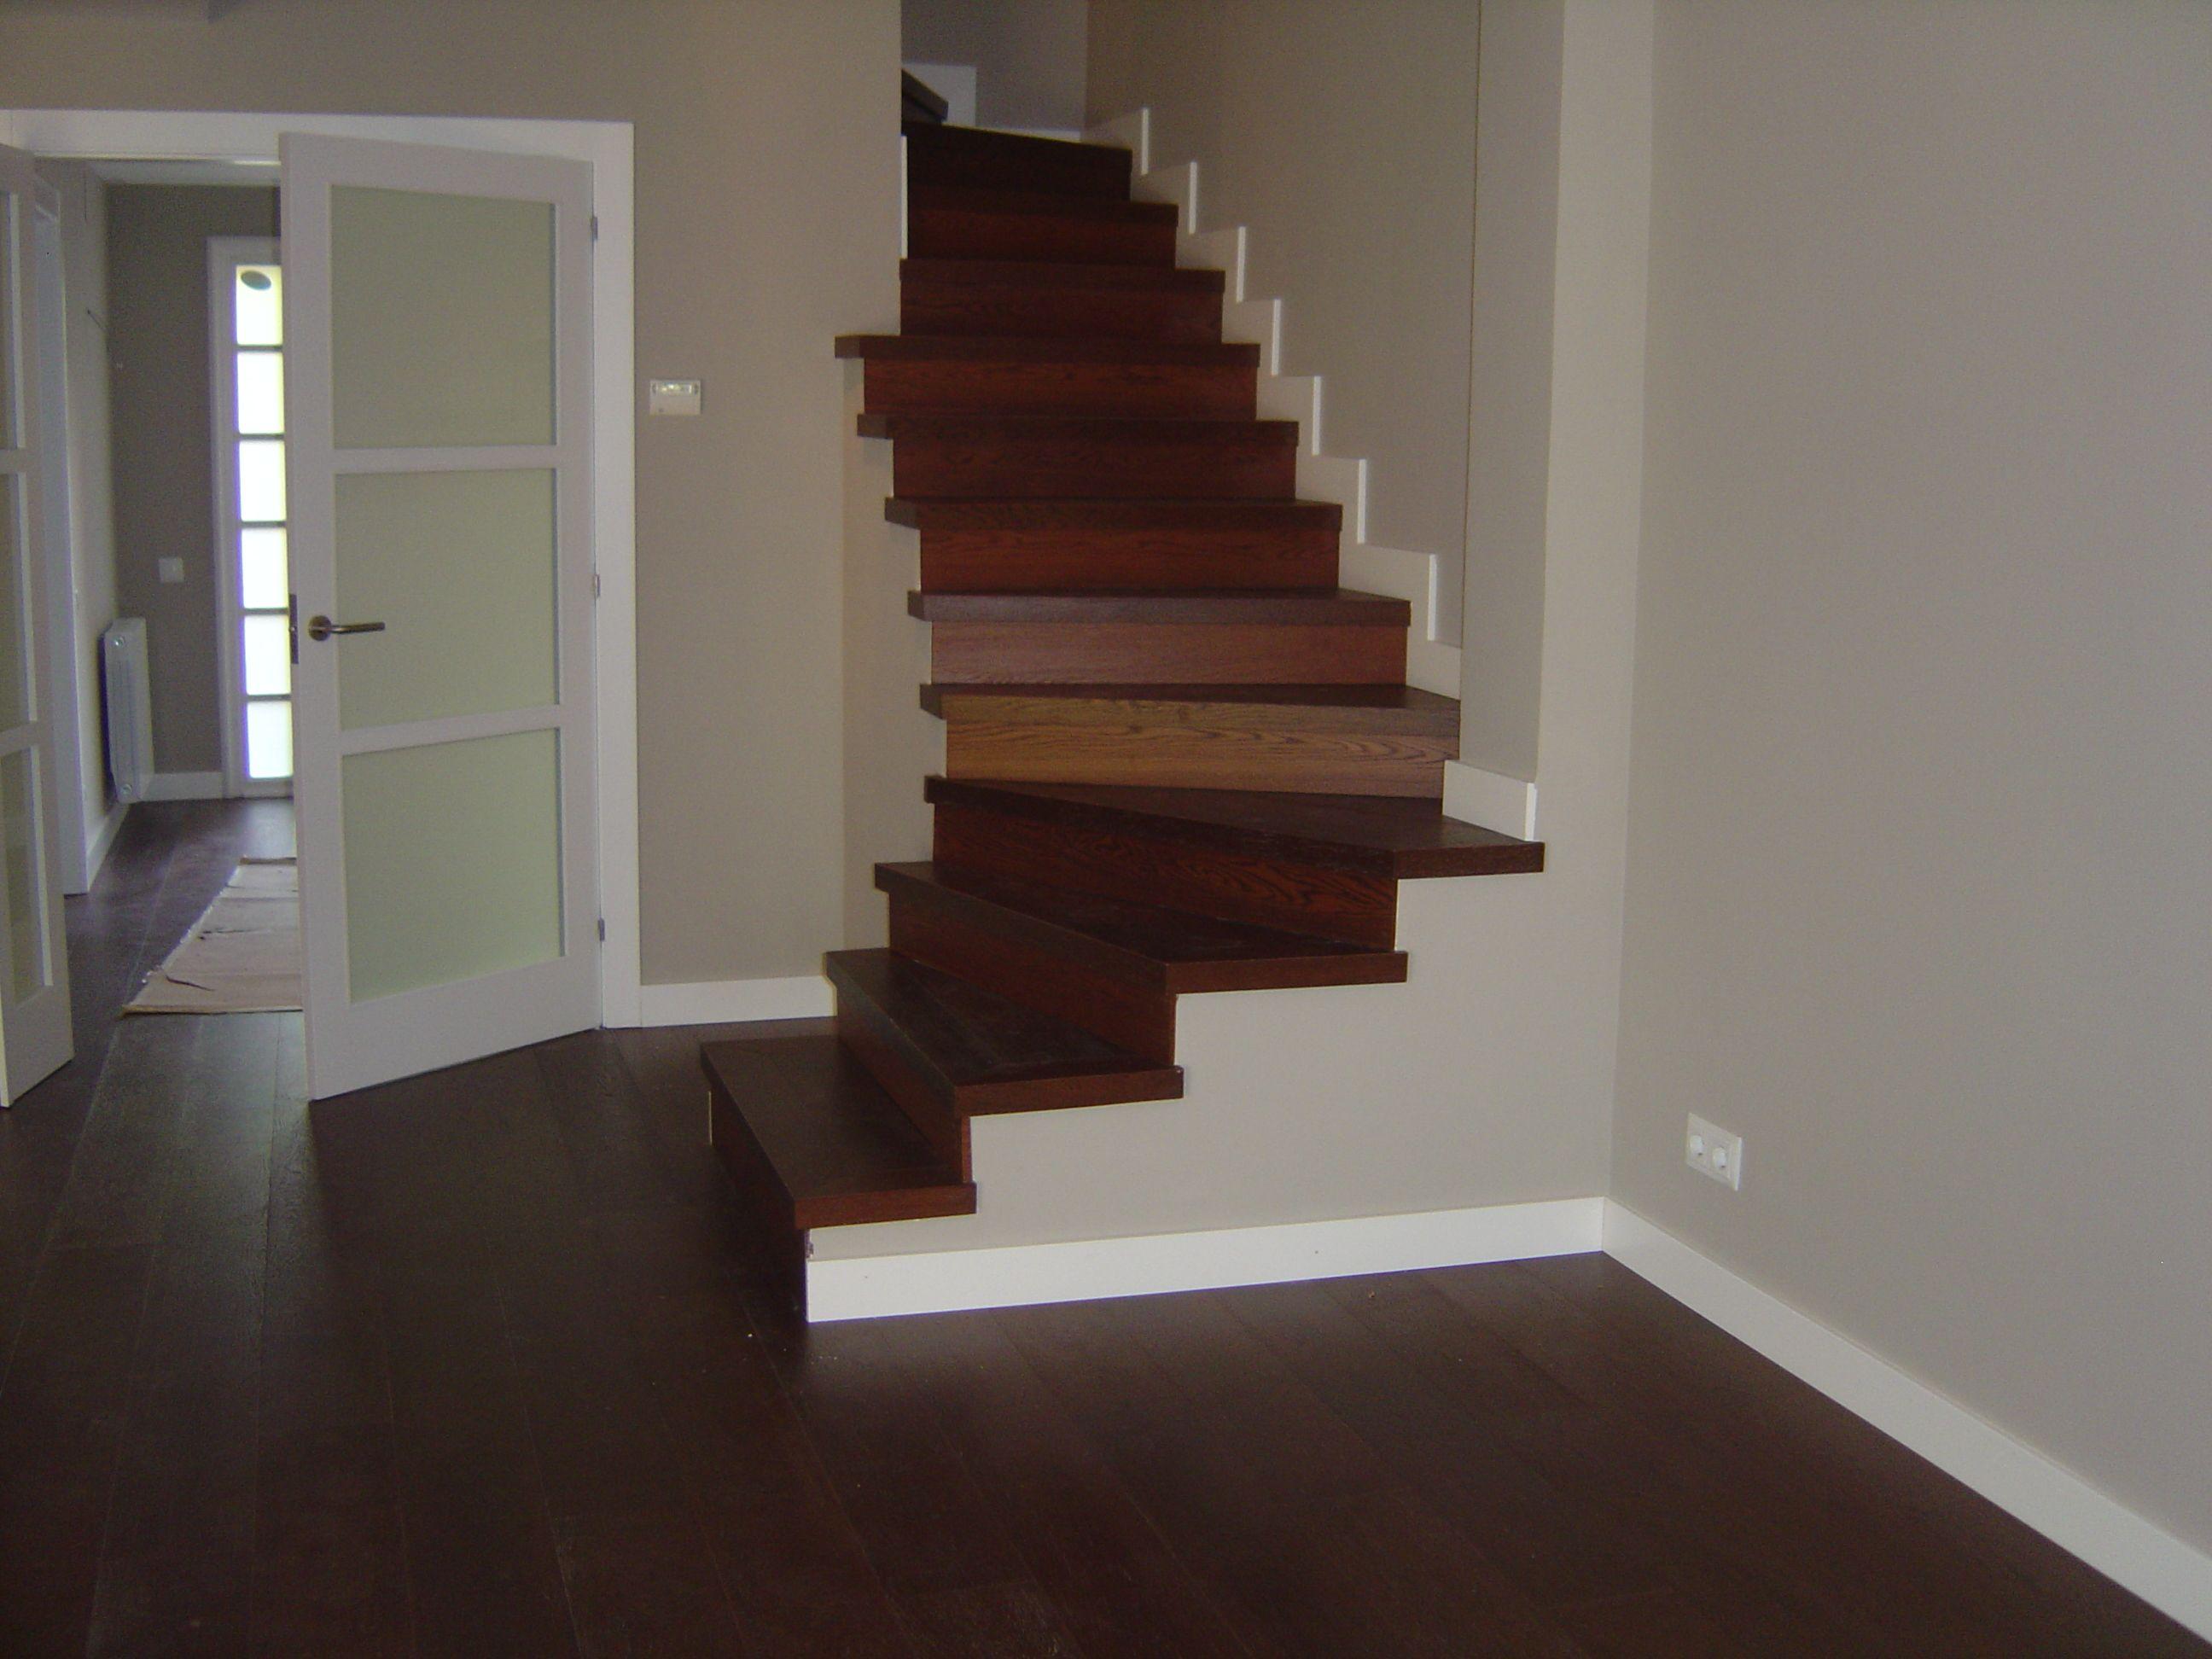 Revestimiento de escalera parquet multicapa revestimiento de escaleras pinterest - Revestimiento para escaleras ...